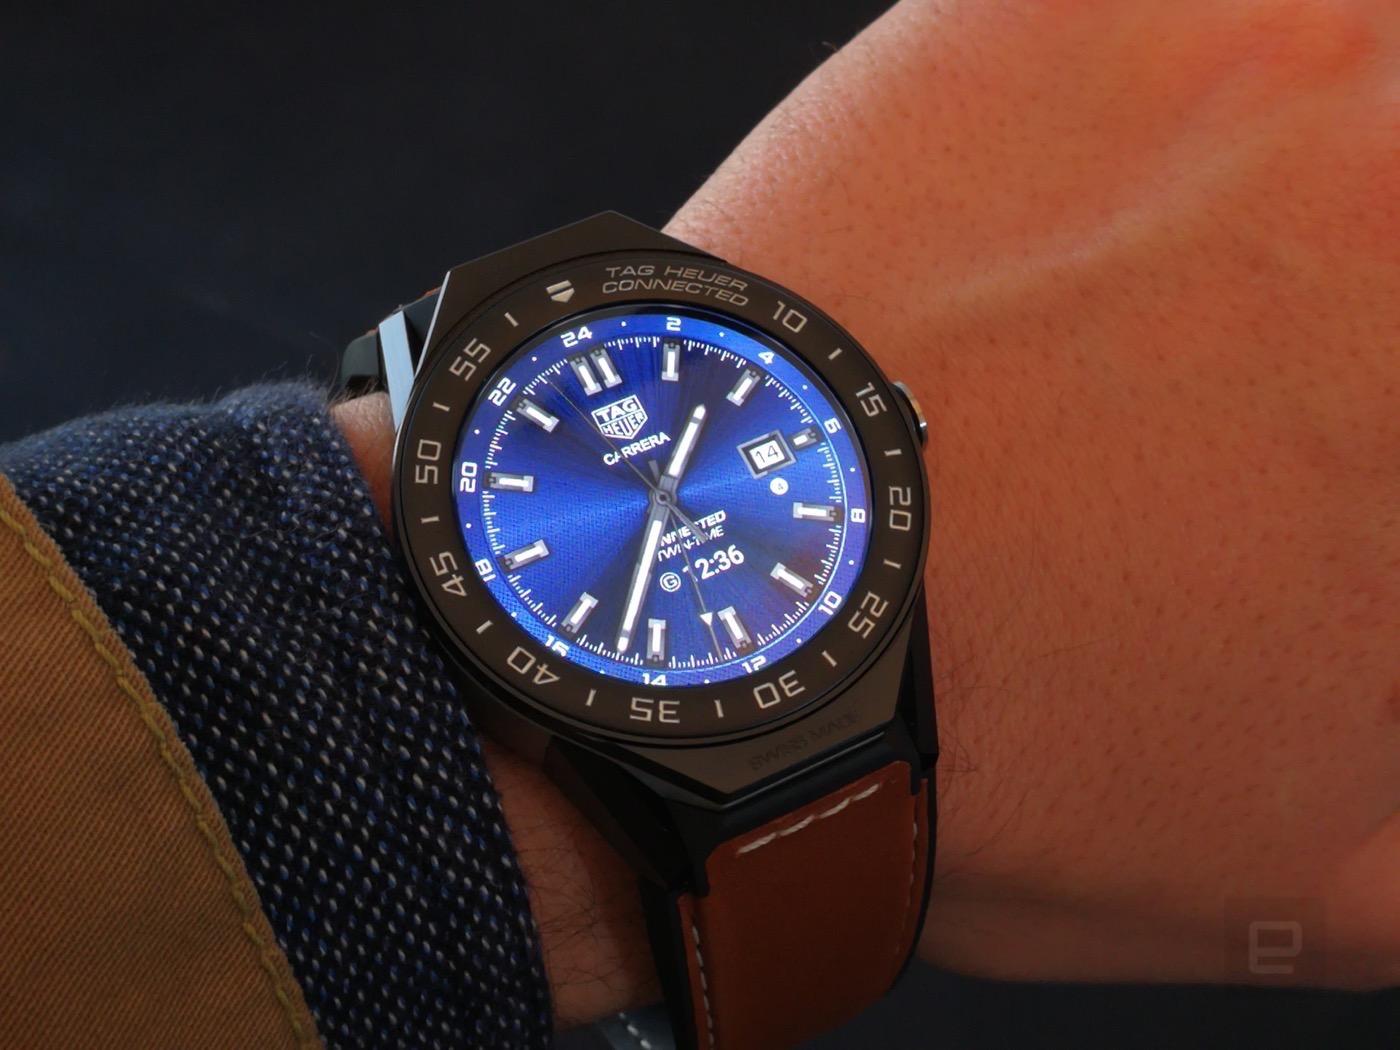 Intel y TAG Heuer dan vida a este bonito smartwatch modular